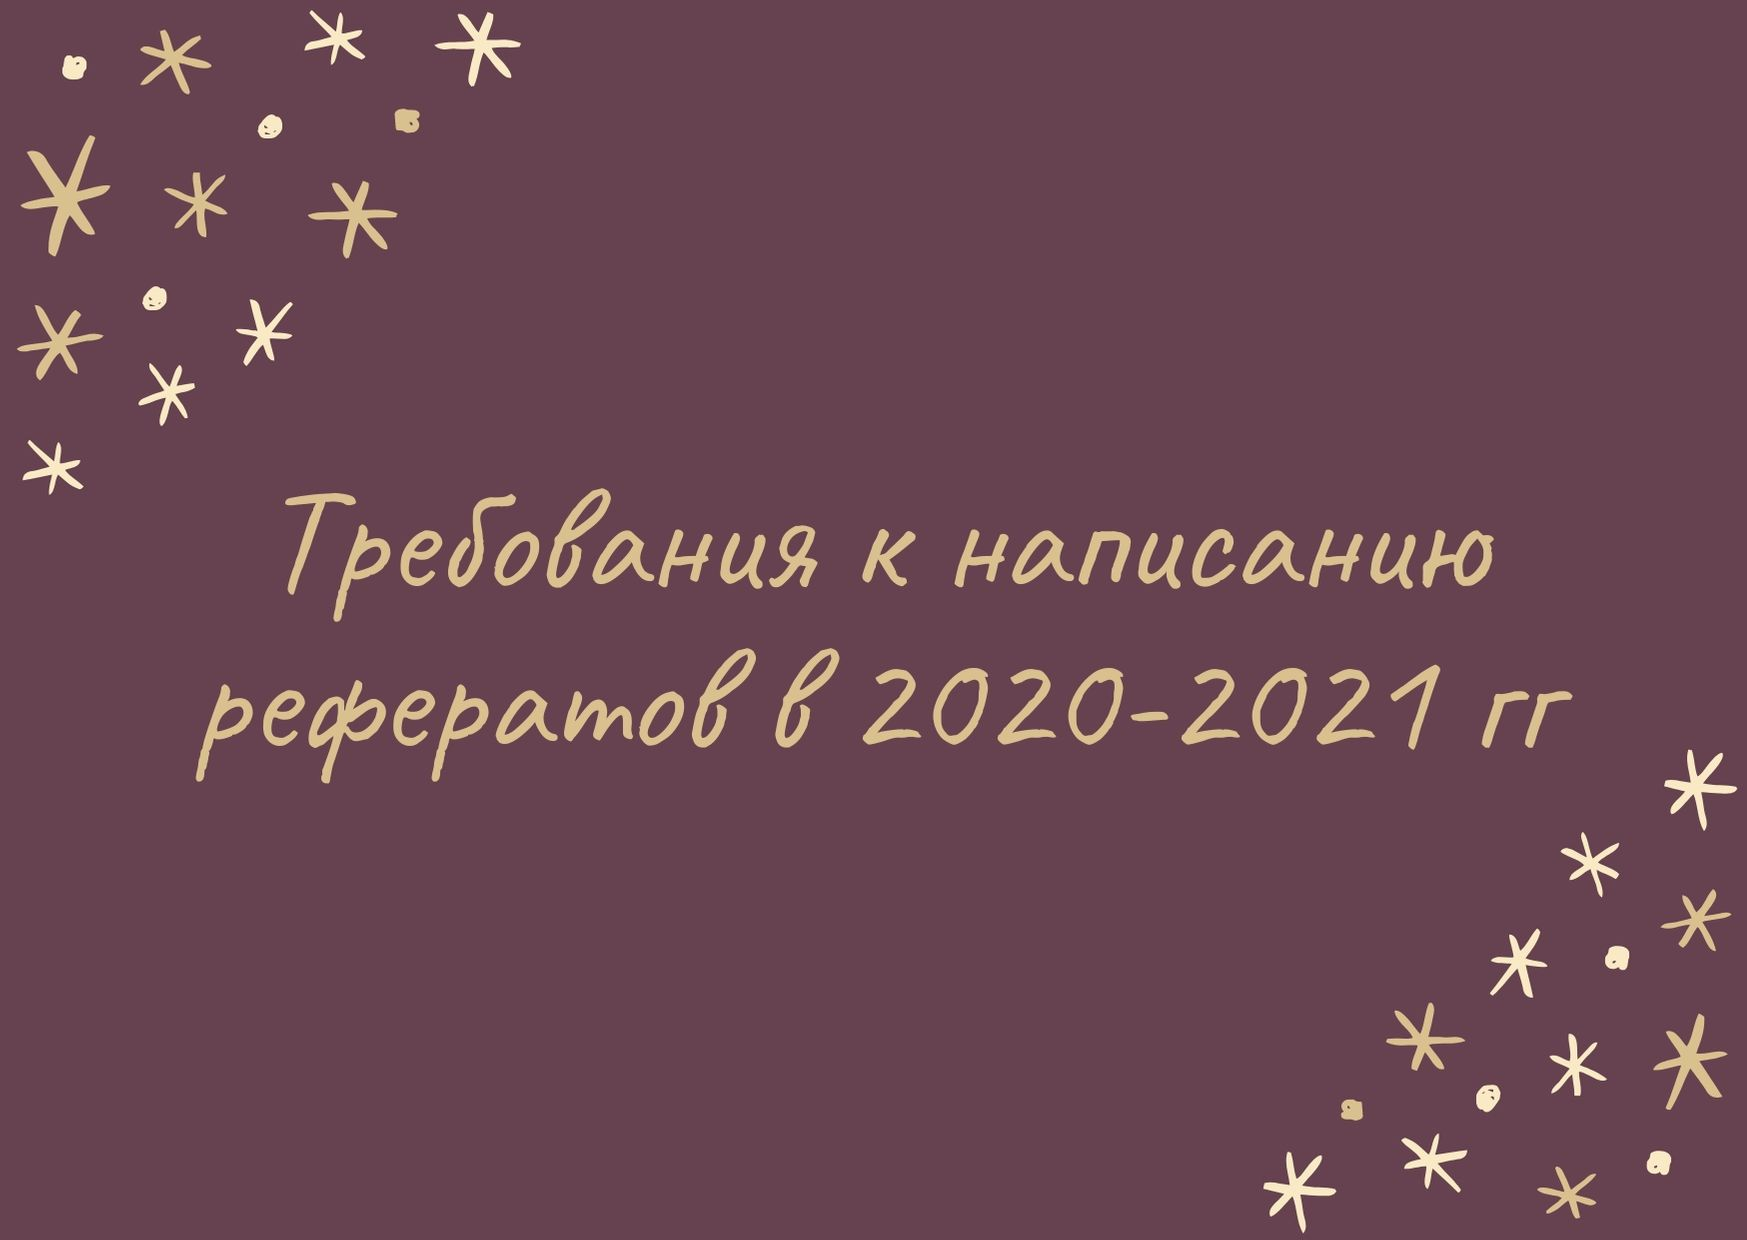 Требования к написанию рефератов в 2020-2021 гг